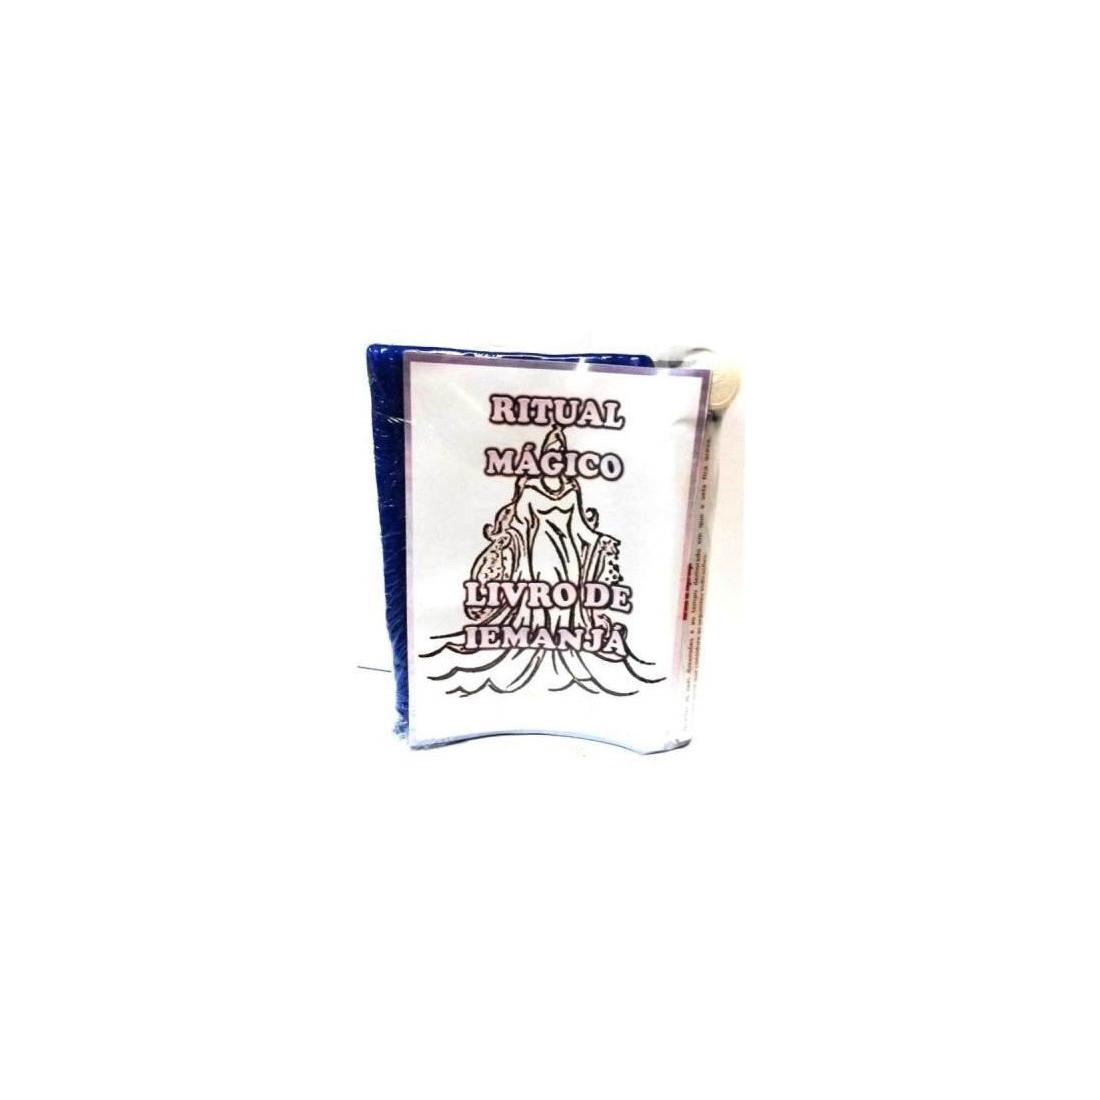 livro azul de iemanjá